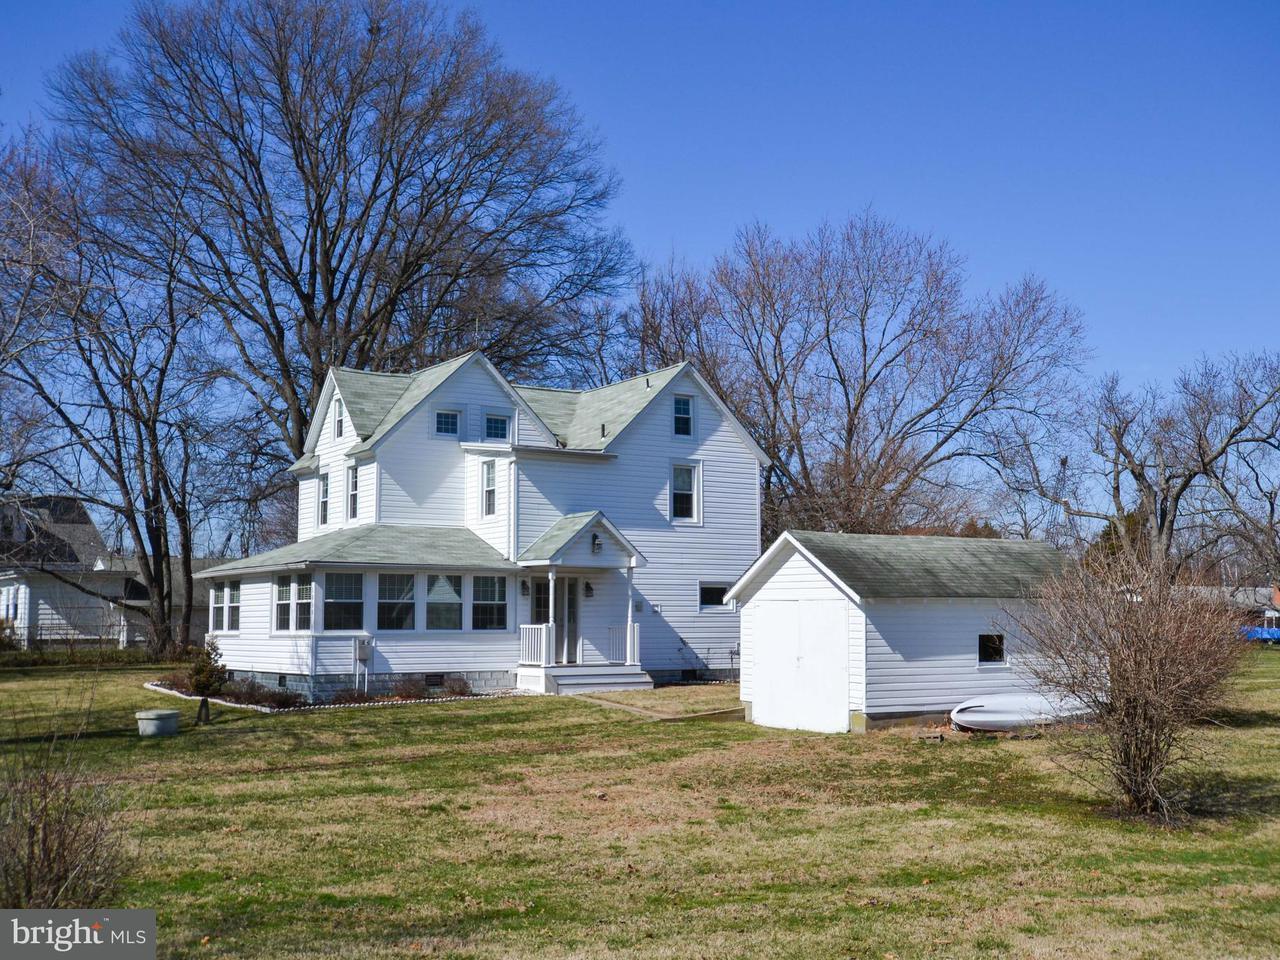 一戸建て のために 売買 アット 1010e Benning Road 1010e Benning Road Galesville, メリーランド 20765 アメリカ合衆国